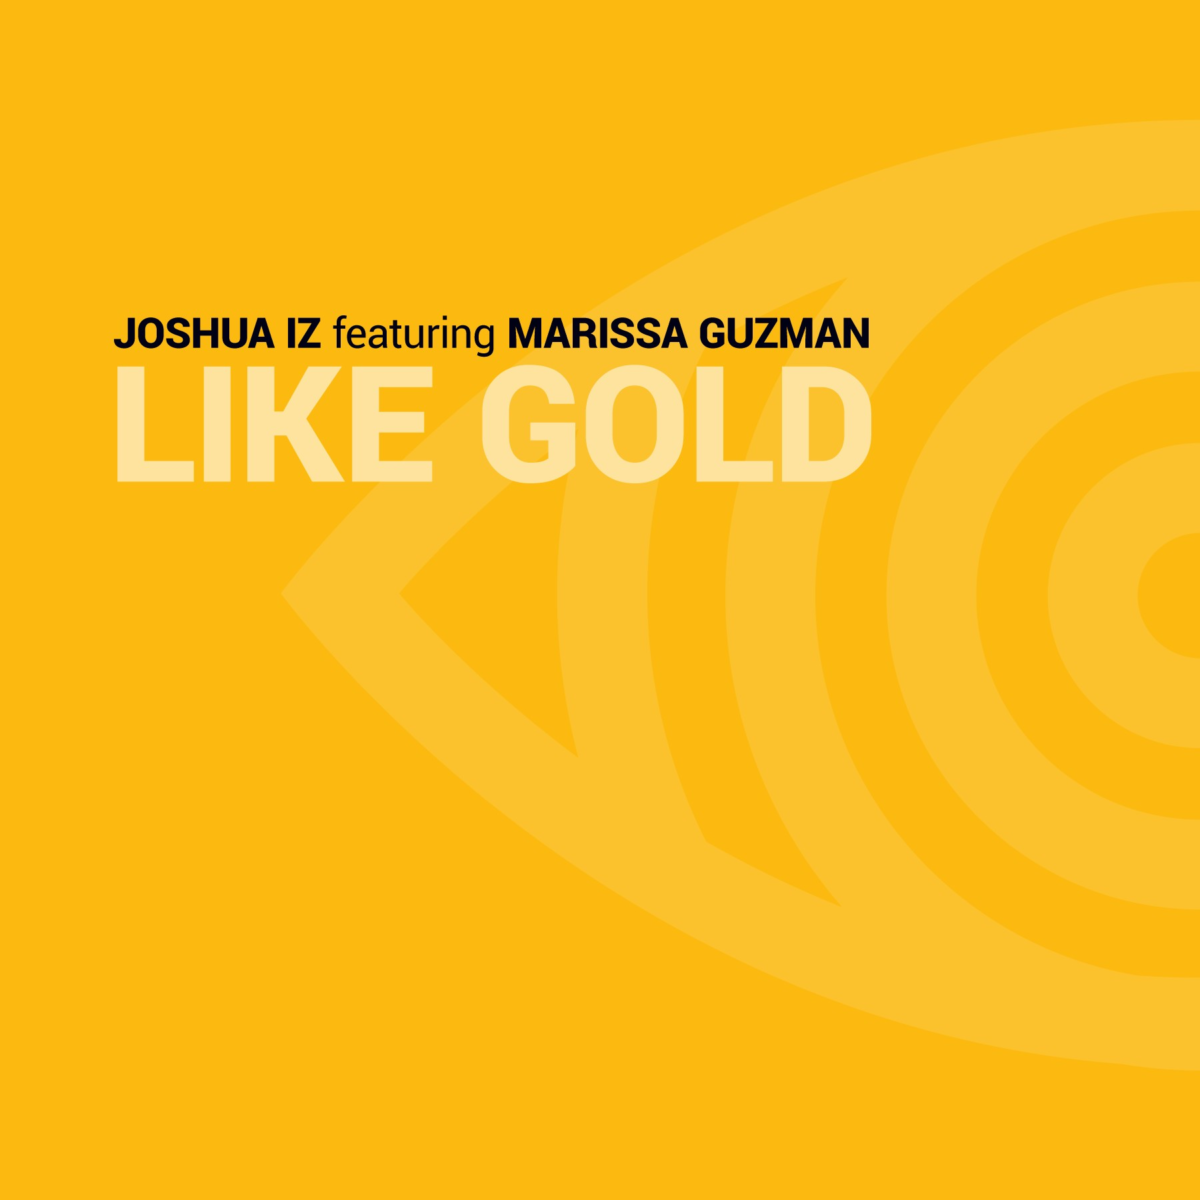 VIZ021 Joshua Iz feat. Marissa Guzman - Like Gold